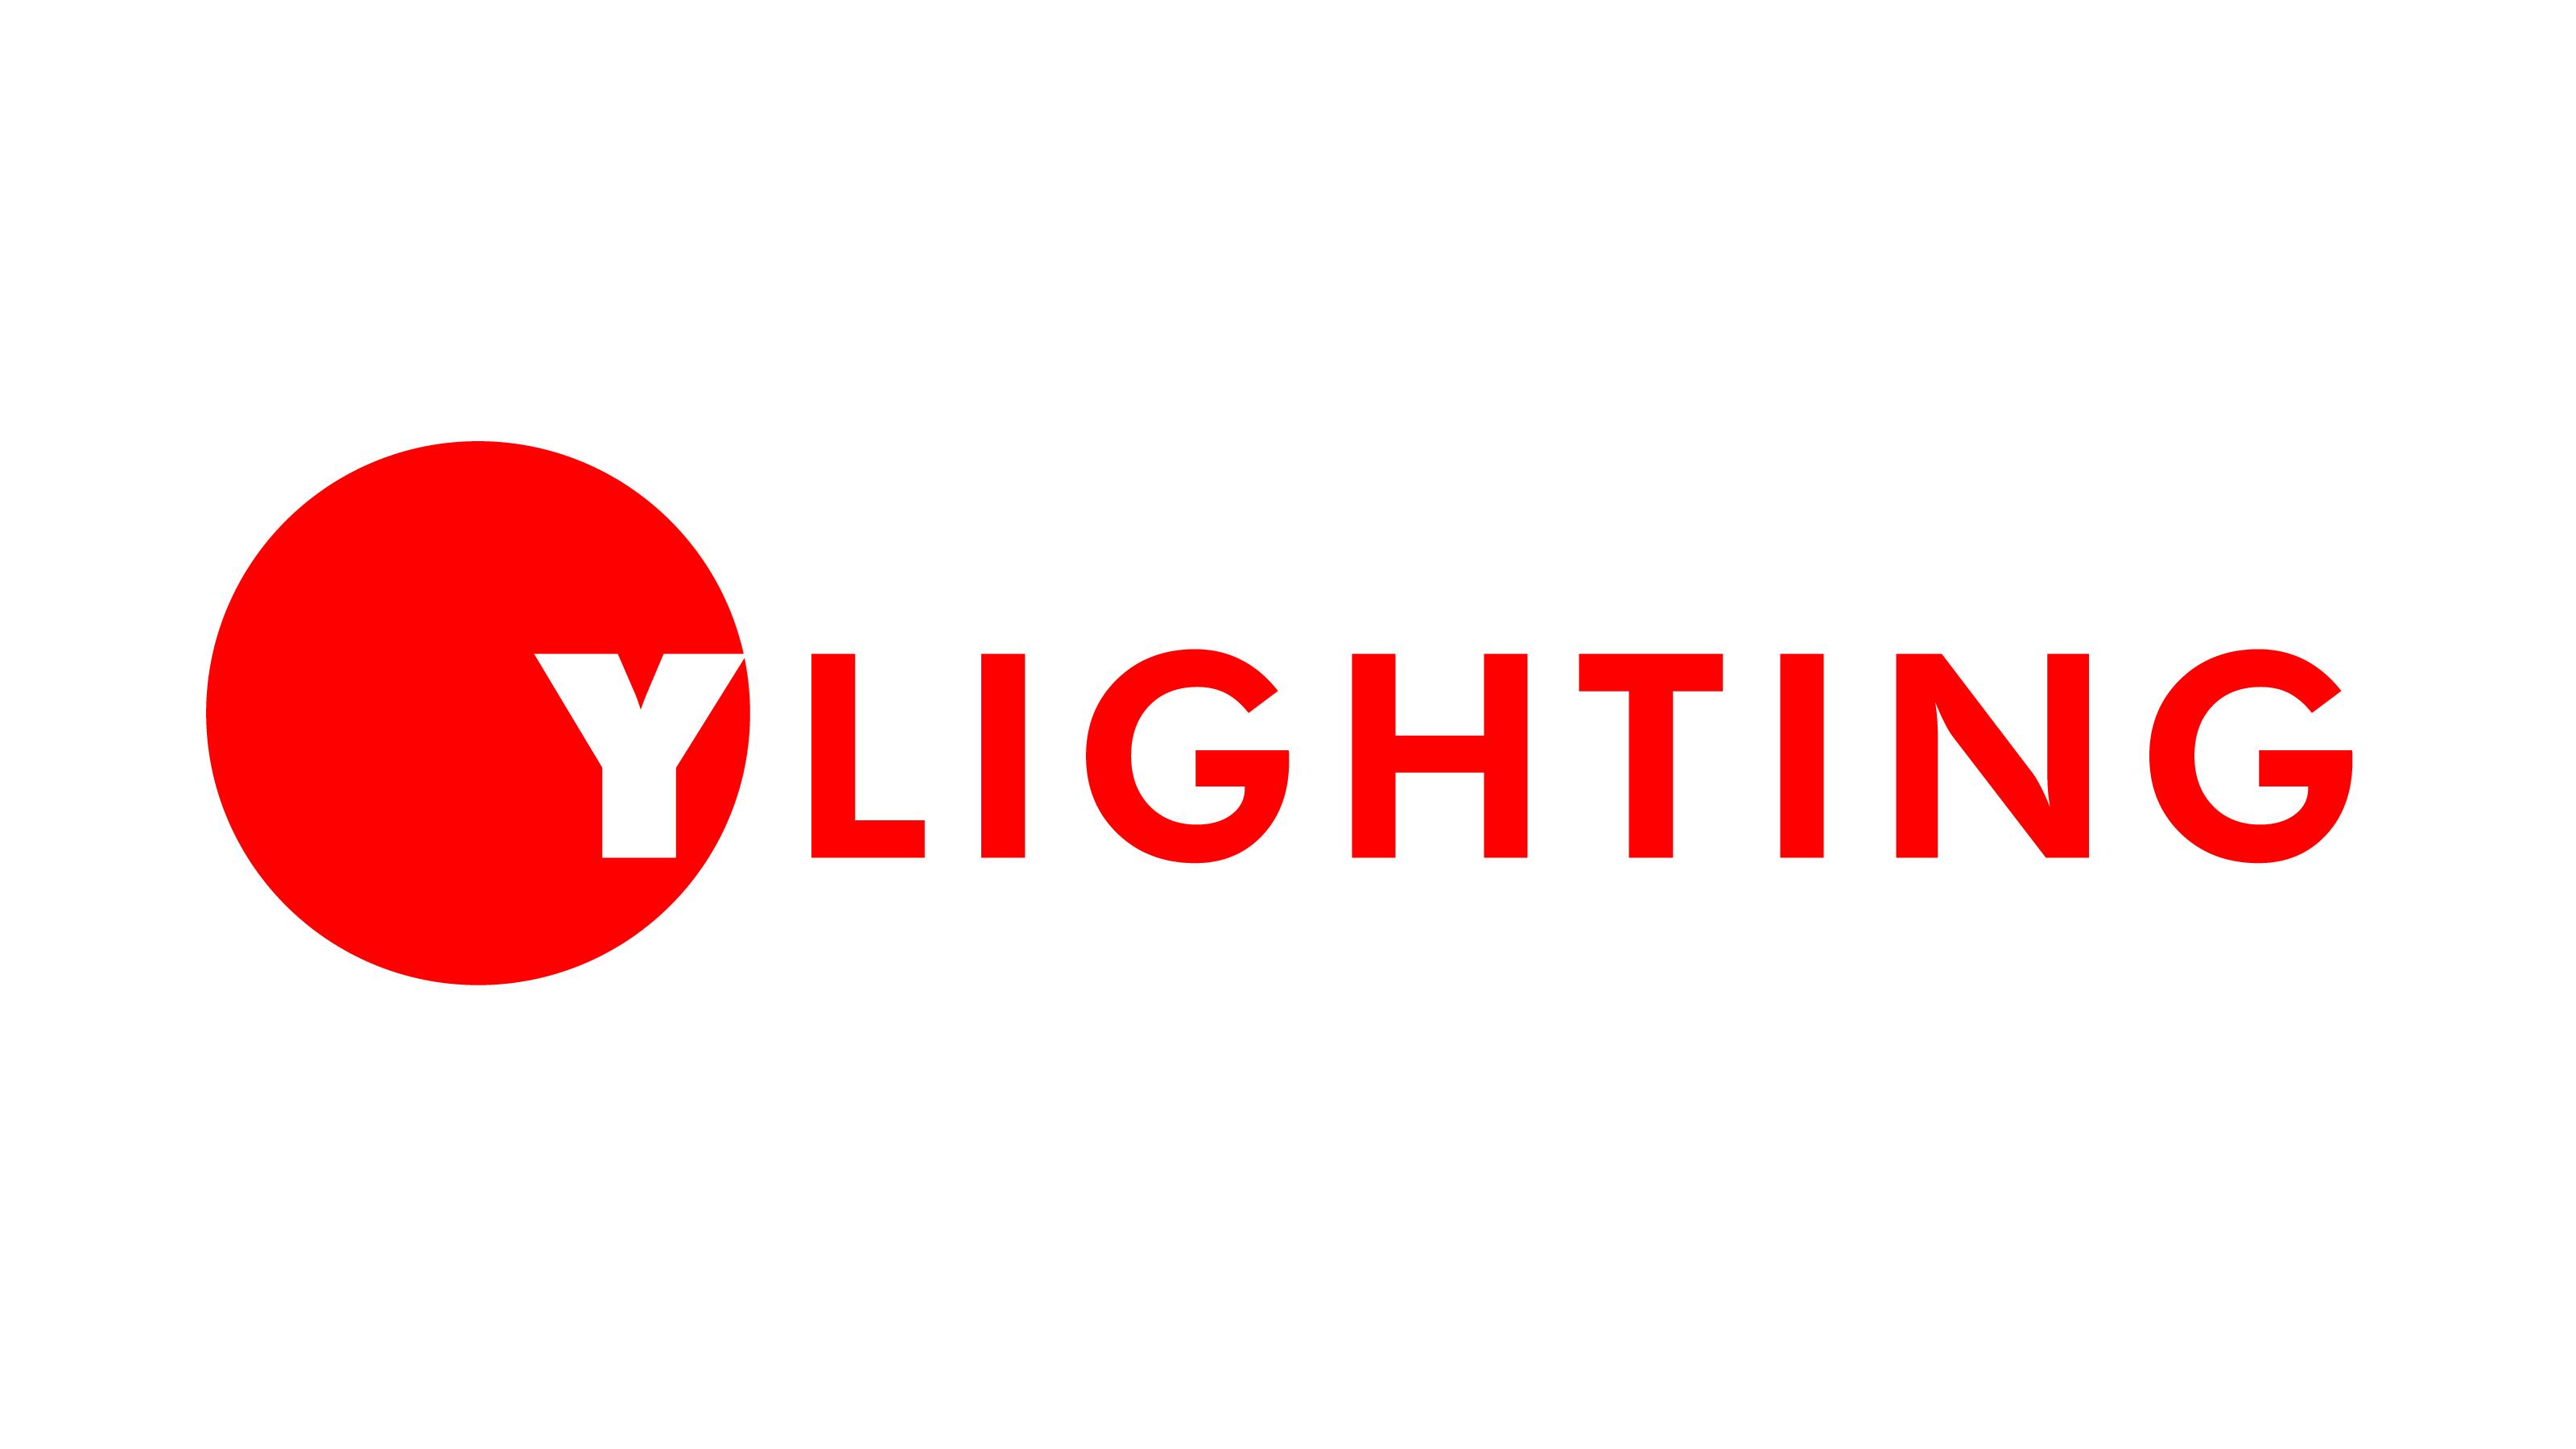 YLighting Discount Code 2021